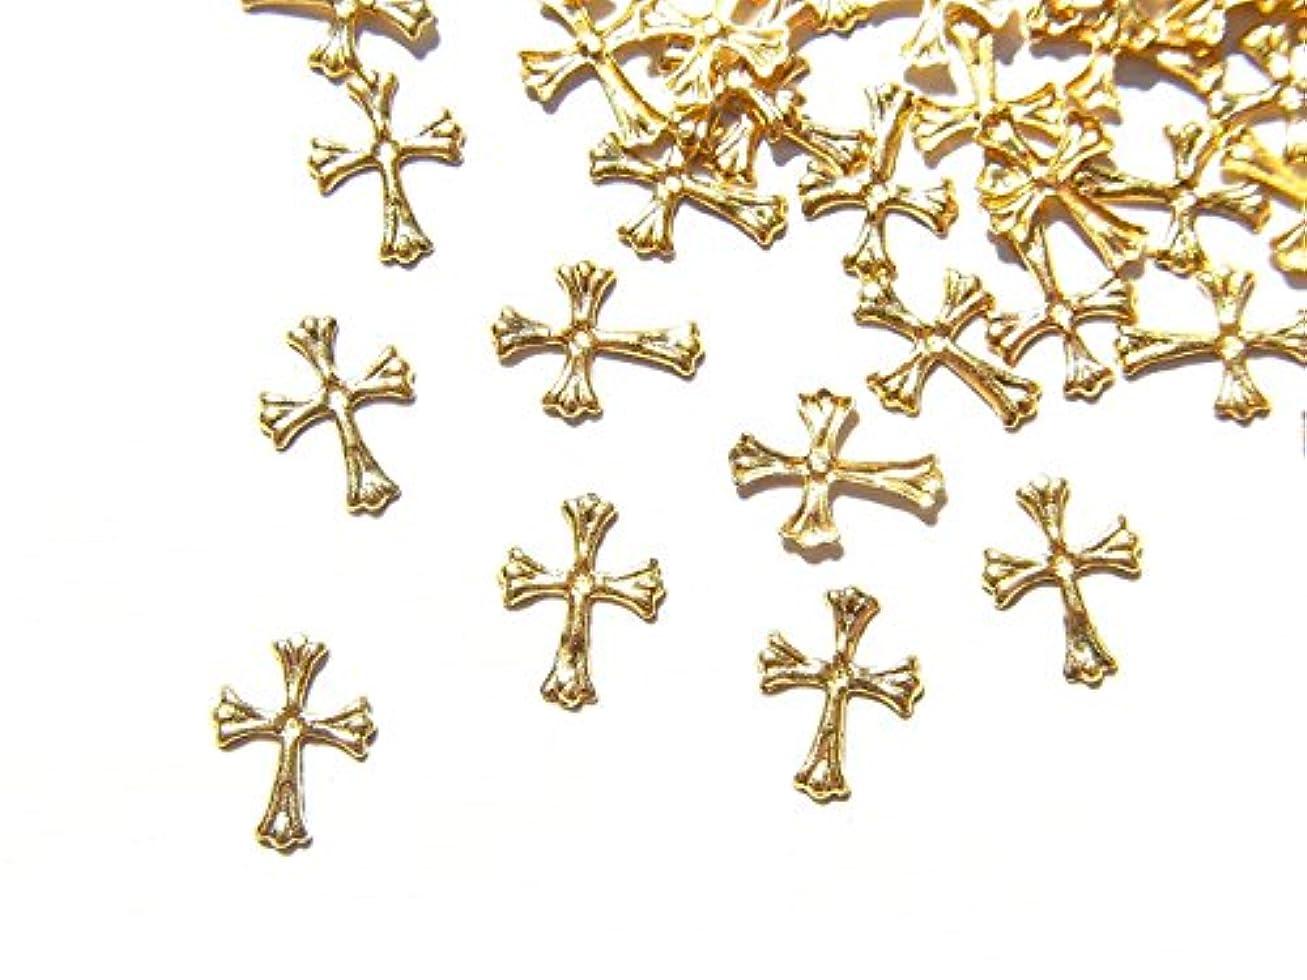 達成と遊ぶ性的【jewel】ゴールド メタルパーツ クロス (十字架) 10個入り 6mm×4mm 手芸 材料 レジン ネイルアート パーツ 素材